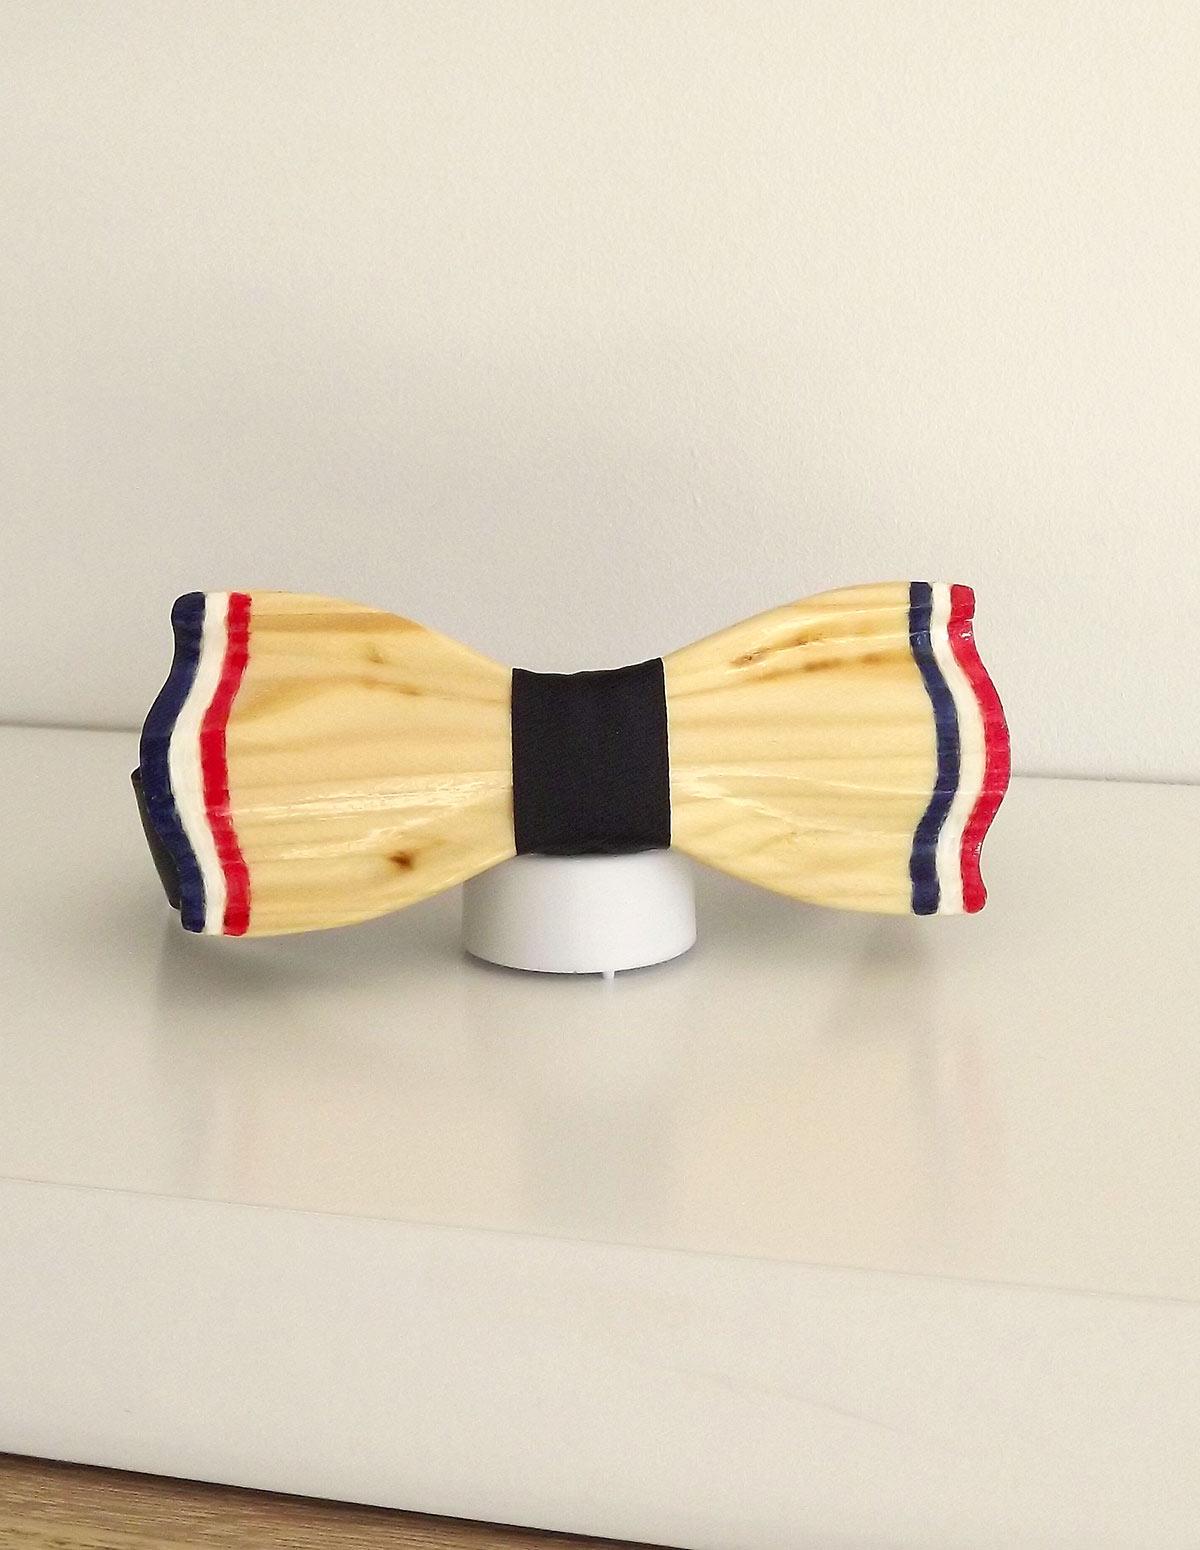 Le noeud papillon bleu blanc rouge est disponible avec une attache noir. Son ruban noir est en satin avec aux extrémités un scratch pour régler ce noeud papillon.